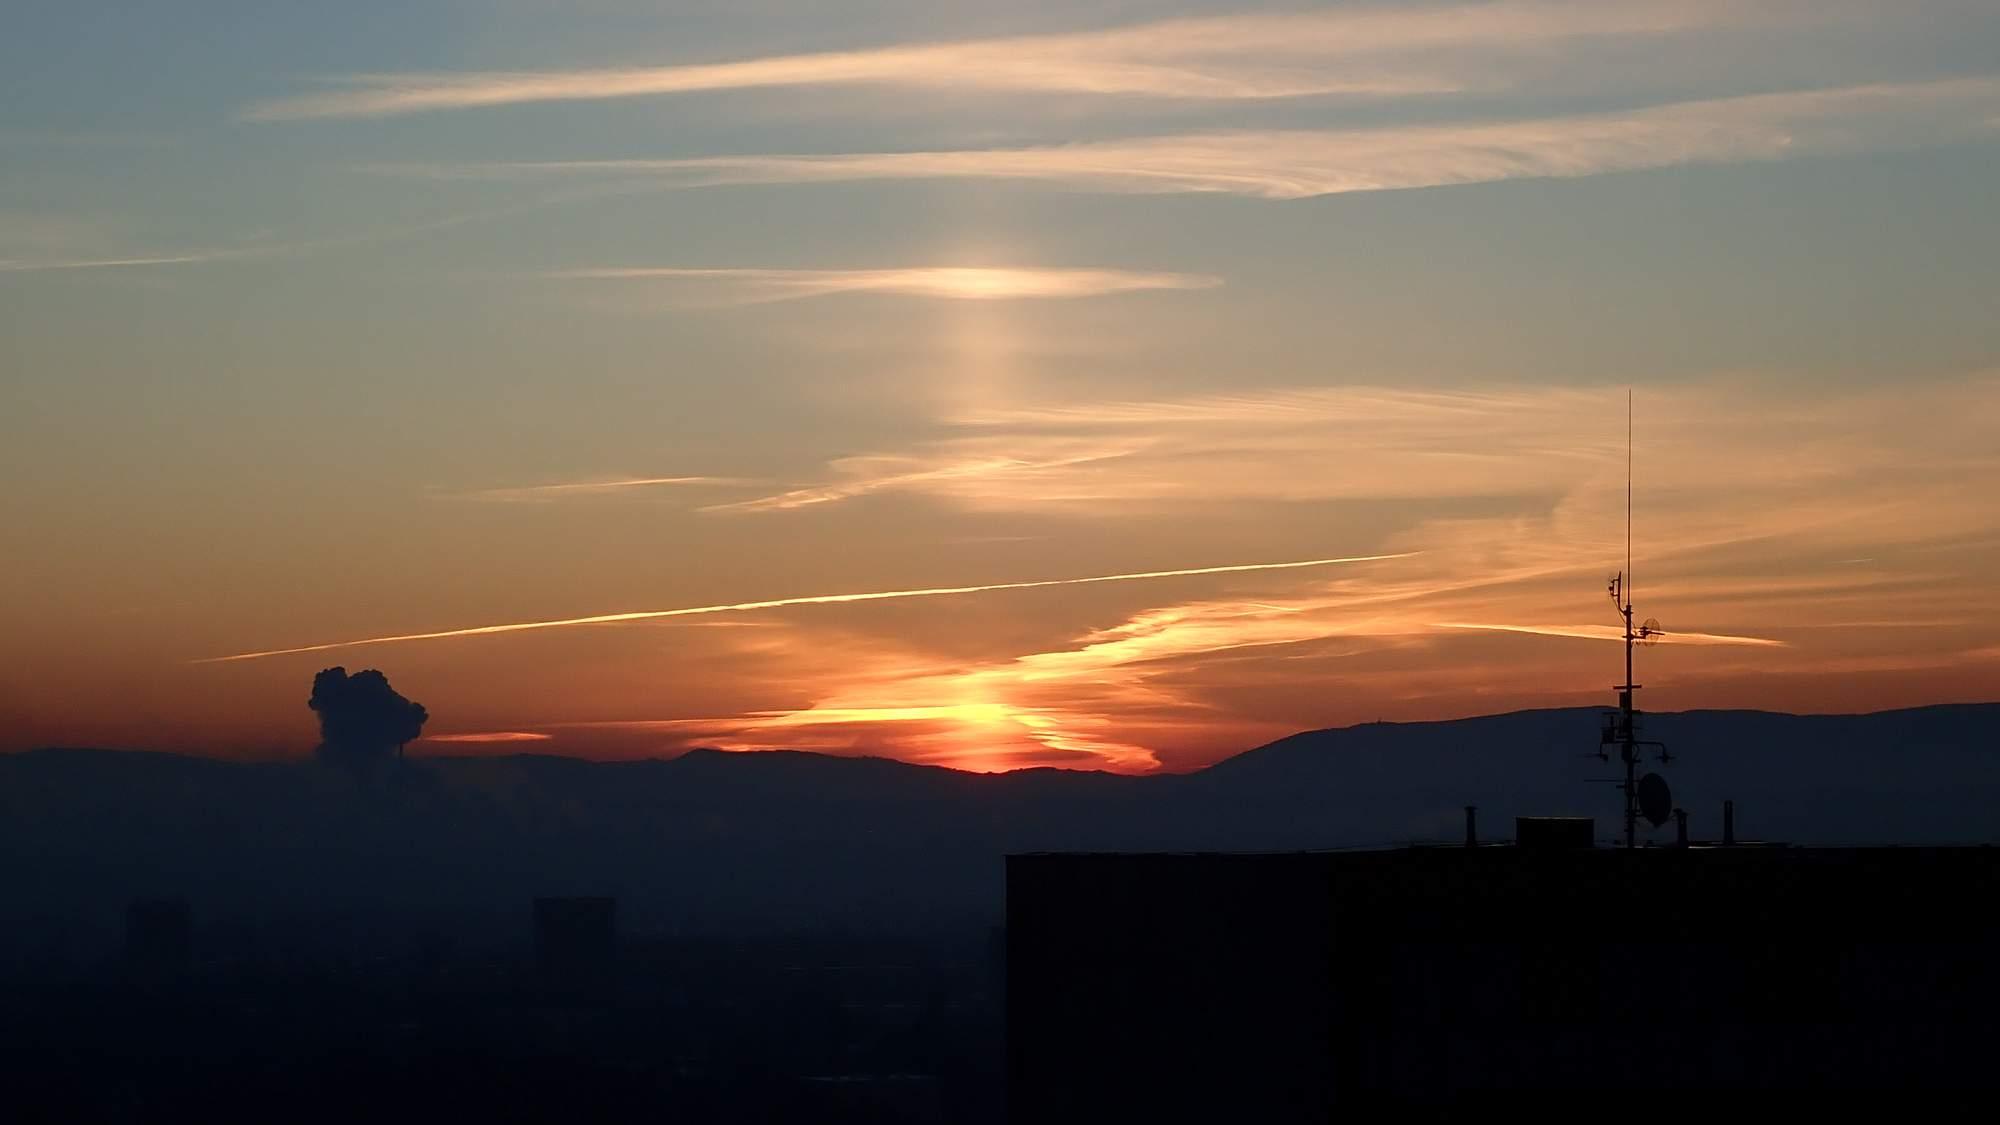 Tipy na východ slunce